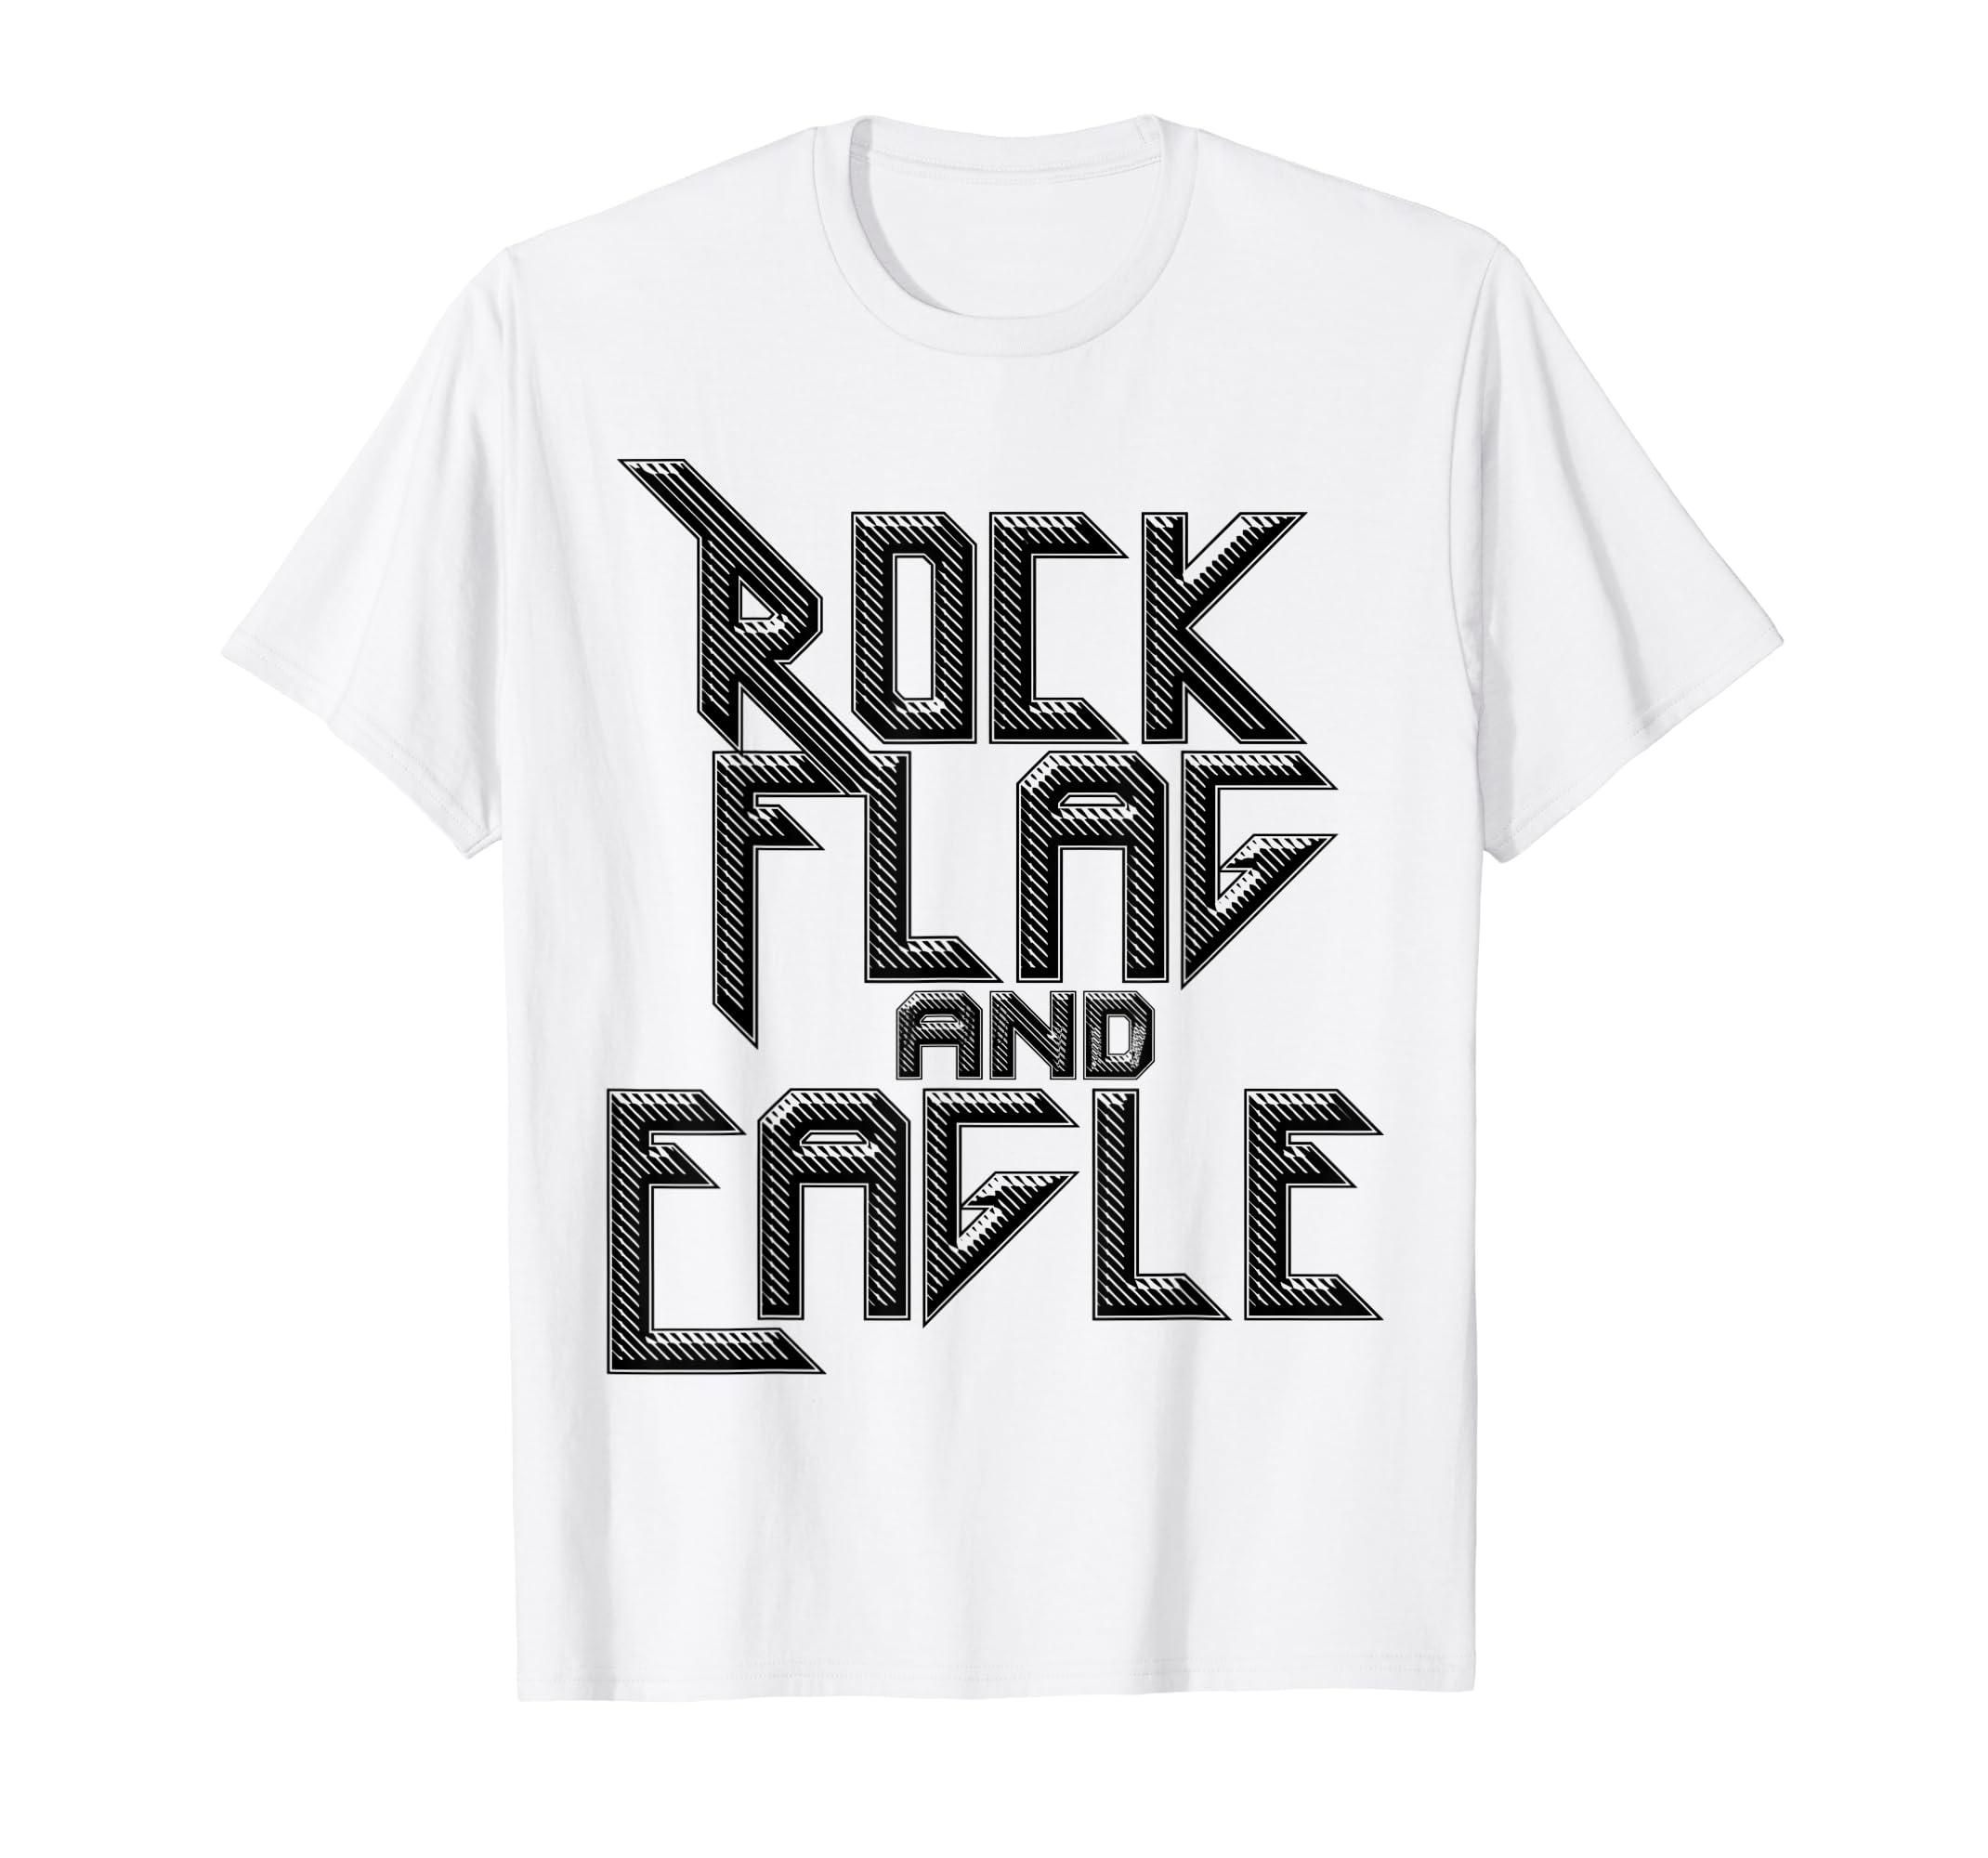 f42b80ae Amazon.com: ROCK FLAG AND EAGLE True American Tshirt for Men, Women:  Clothing